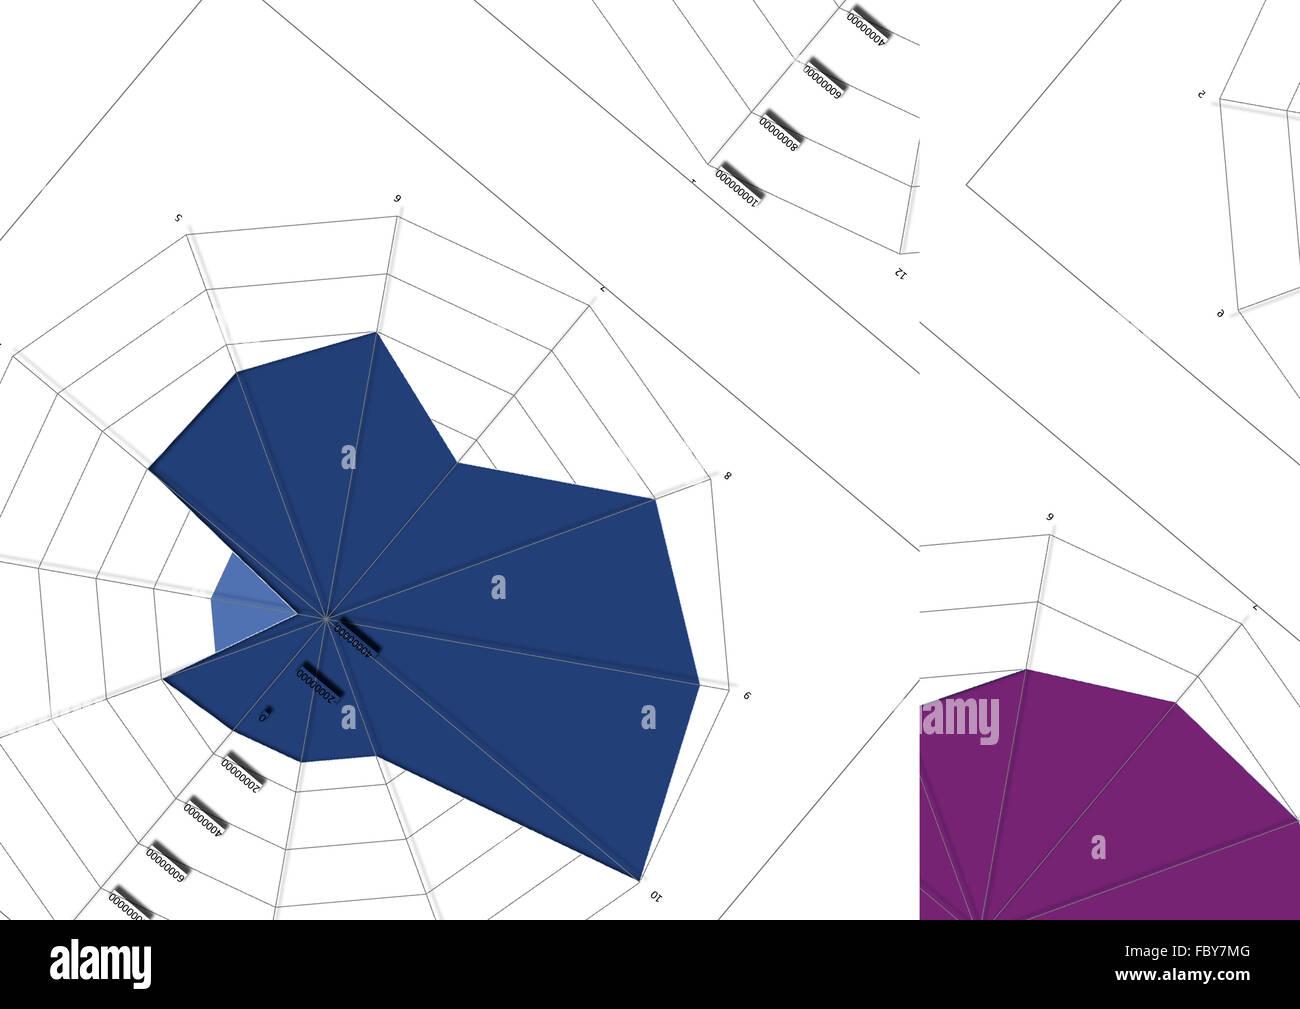 Fantastisch Spinnen Diagramm Vorlage Galerie - Beispiel ...